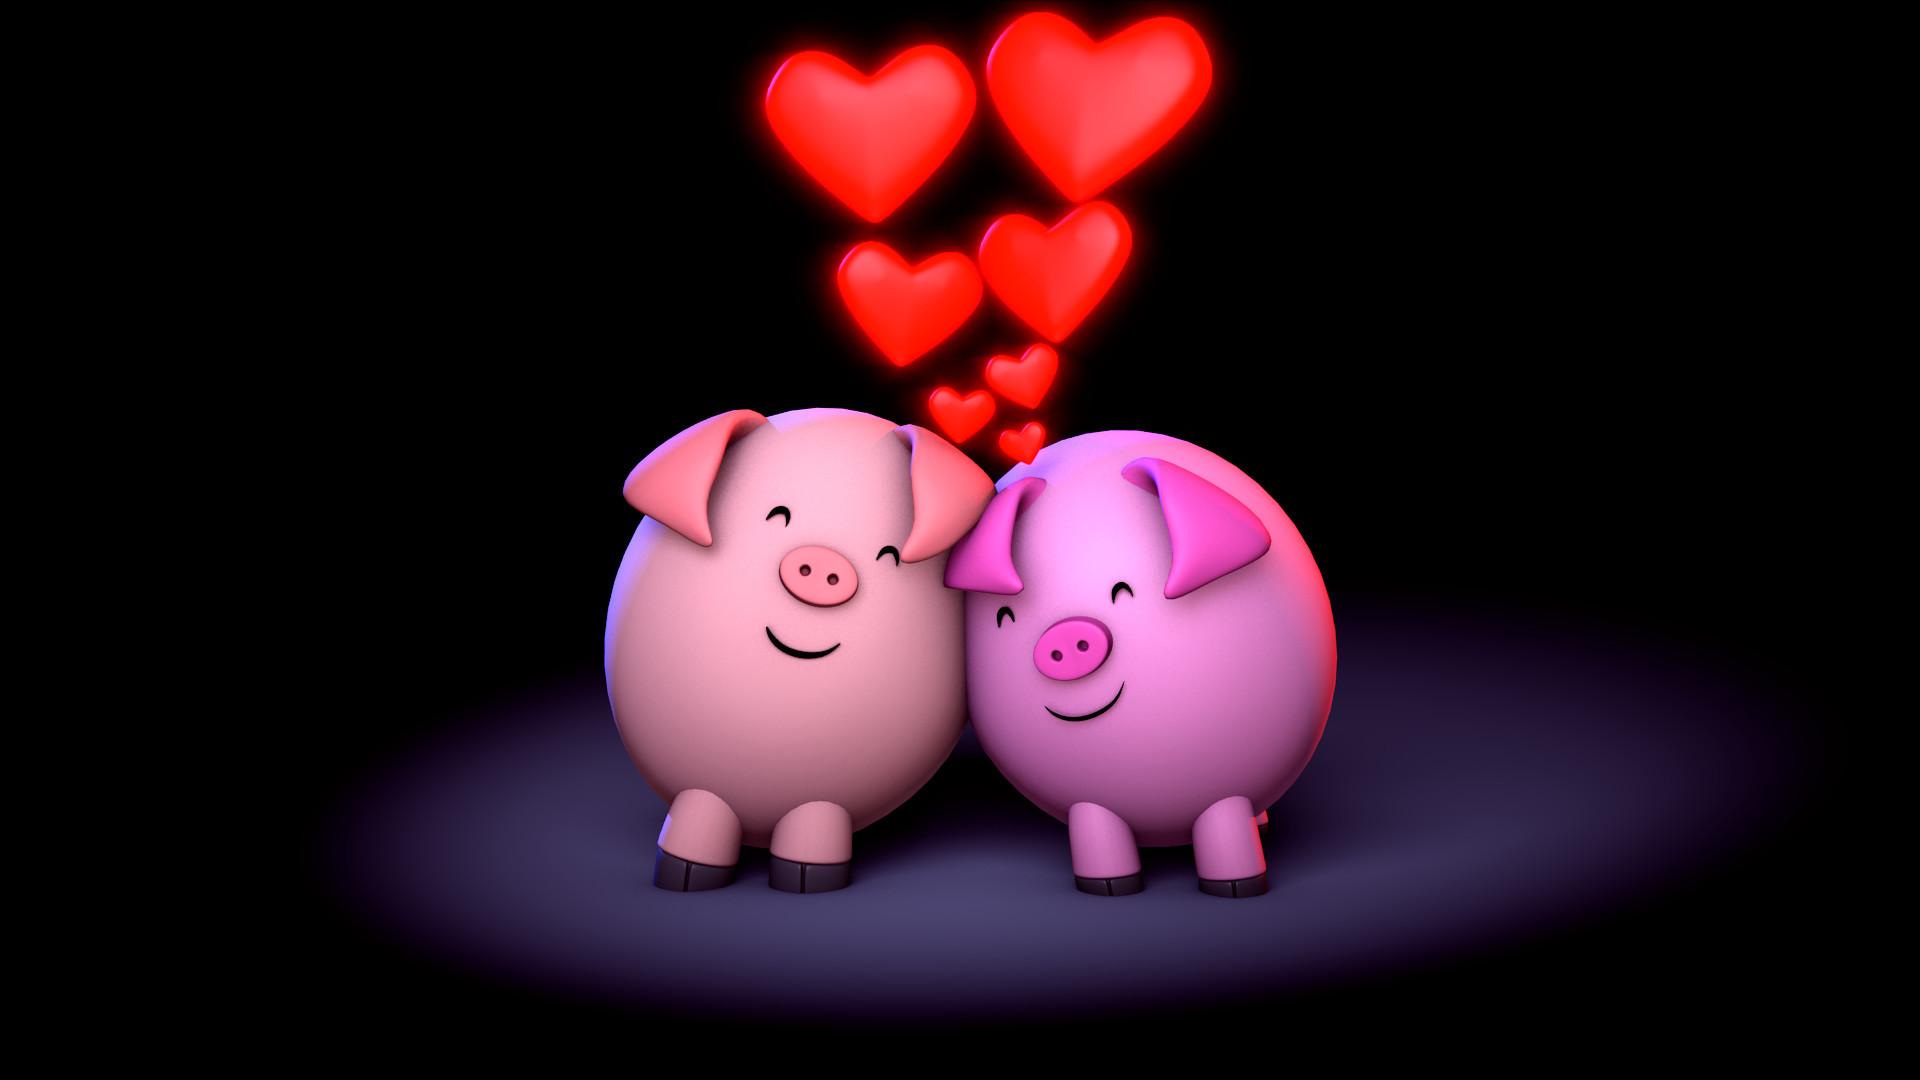 Картинка: Хрюшки, свиньи, пара, сердечки, любовь, рядышком